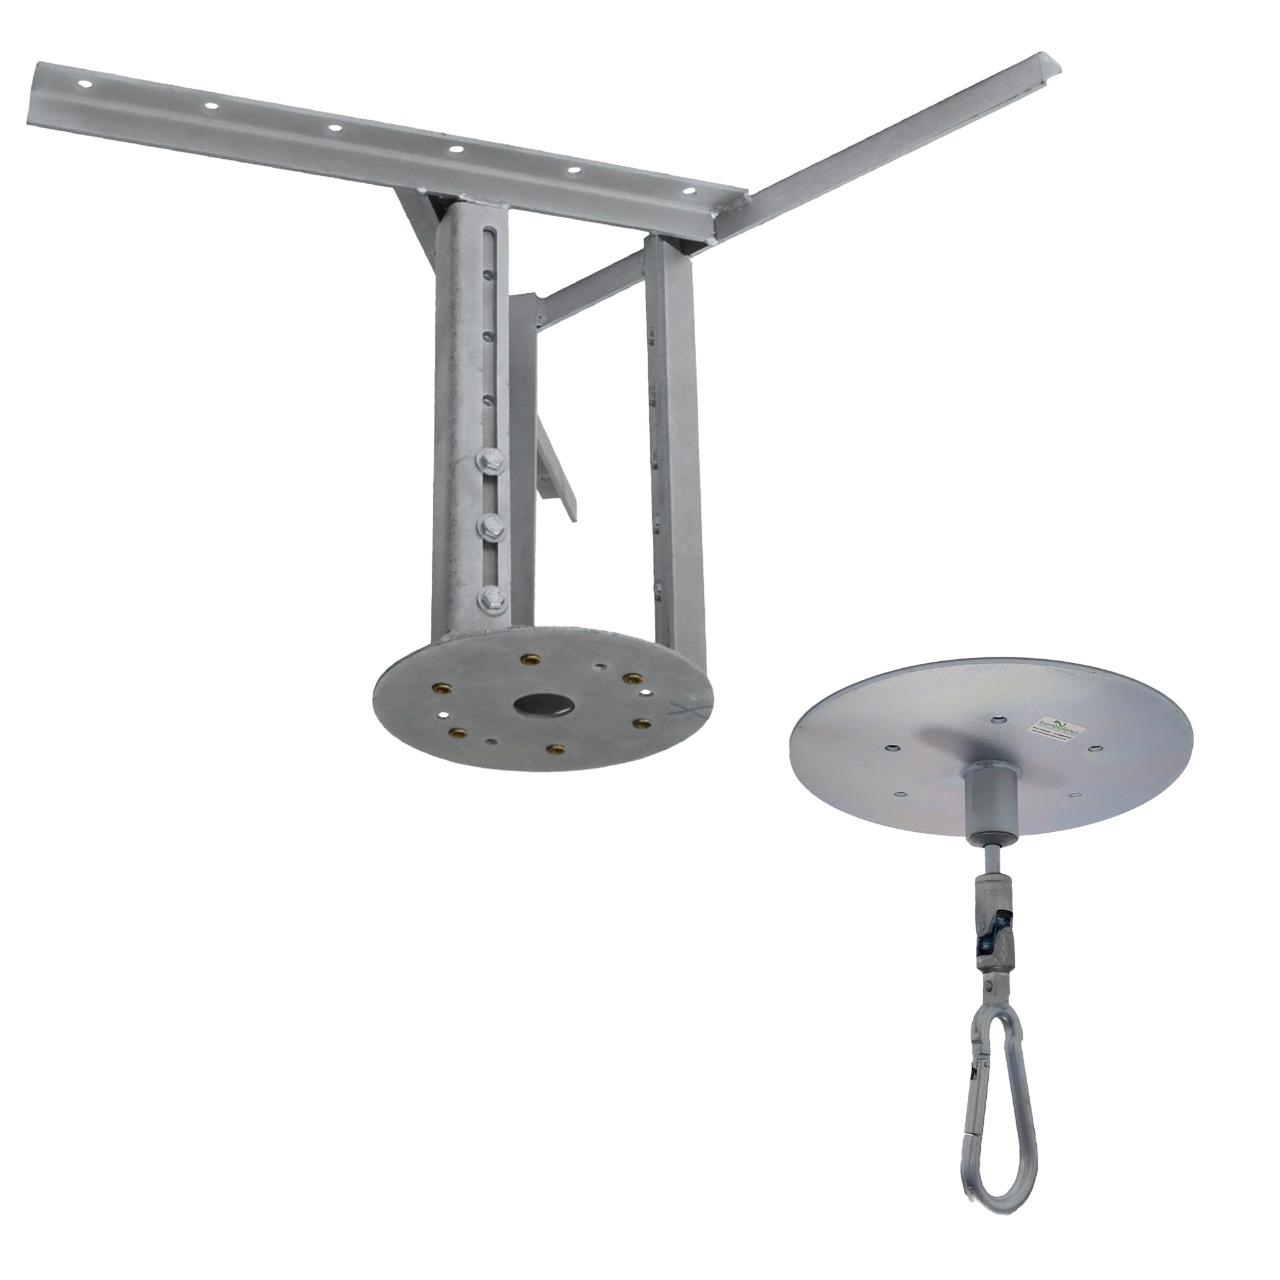 Kit extensor ajustável para teto com forro de gesso - 37 a 60 cm + Mosquetão Giratório com Colarinho 150Kg